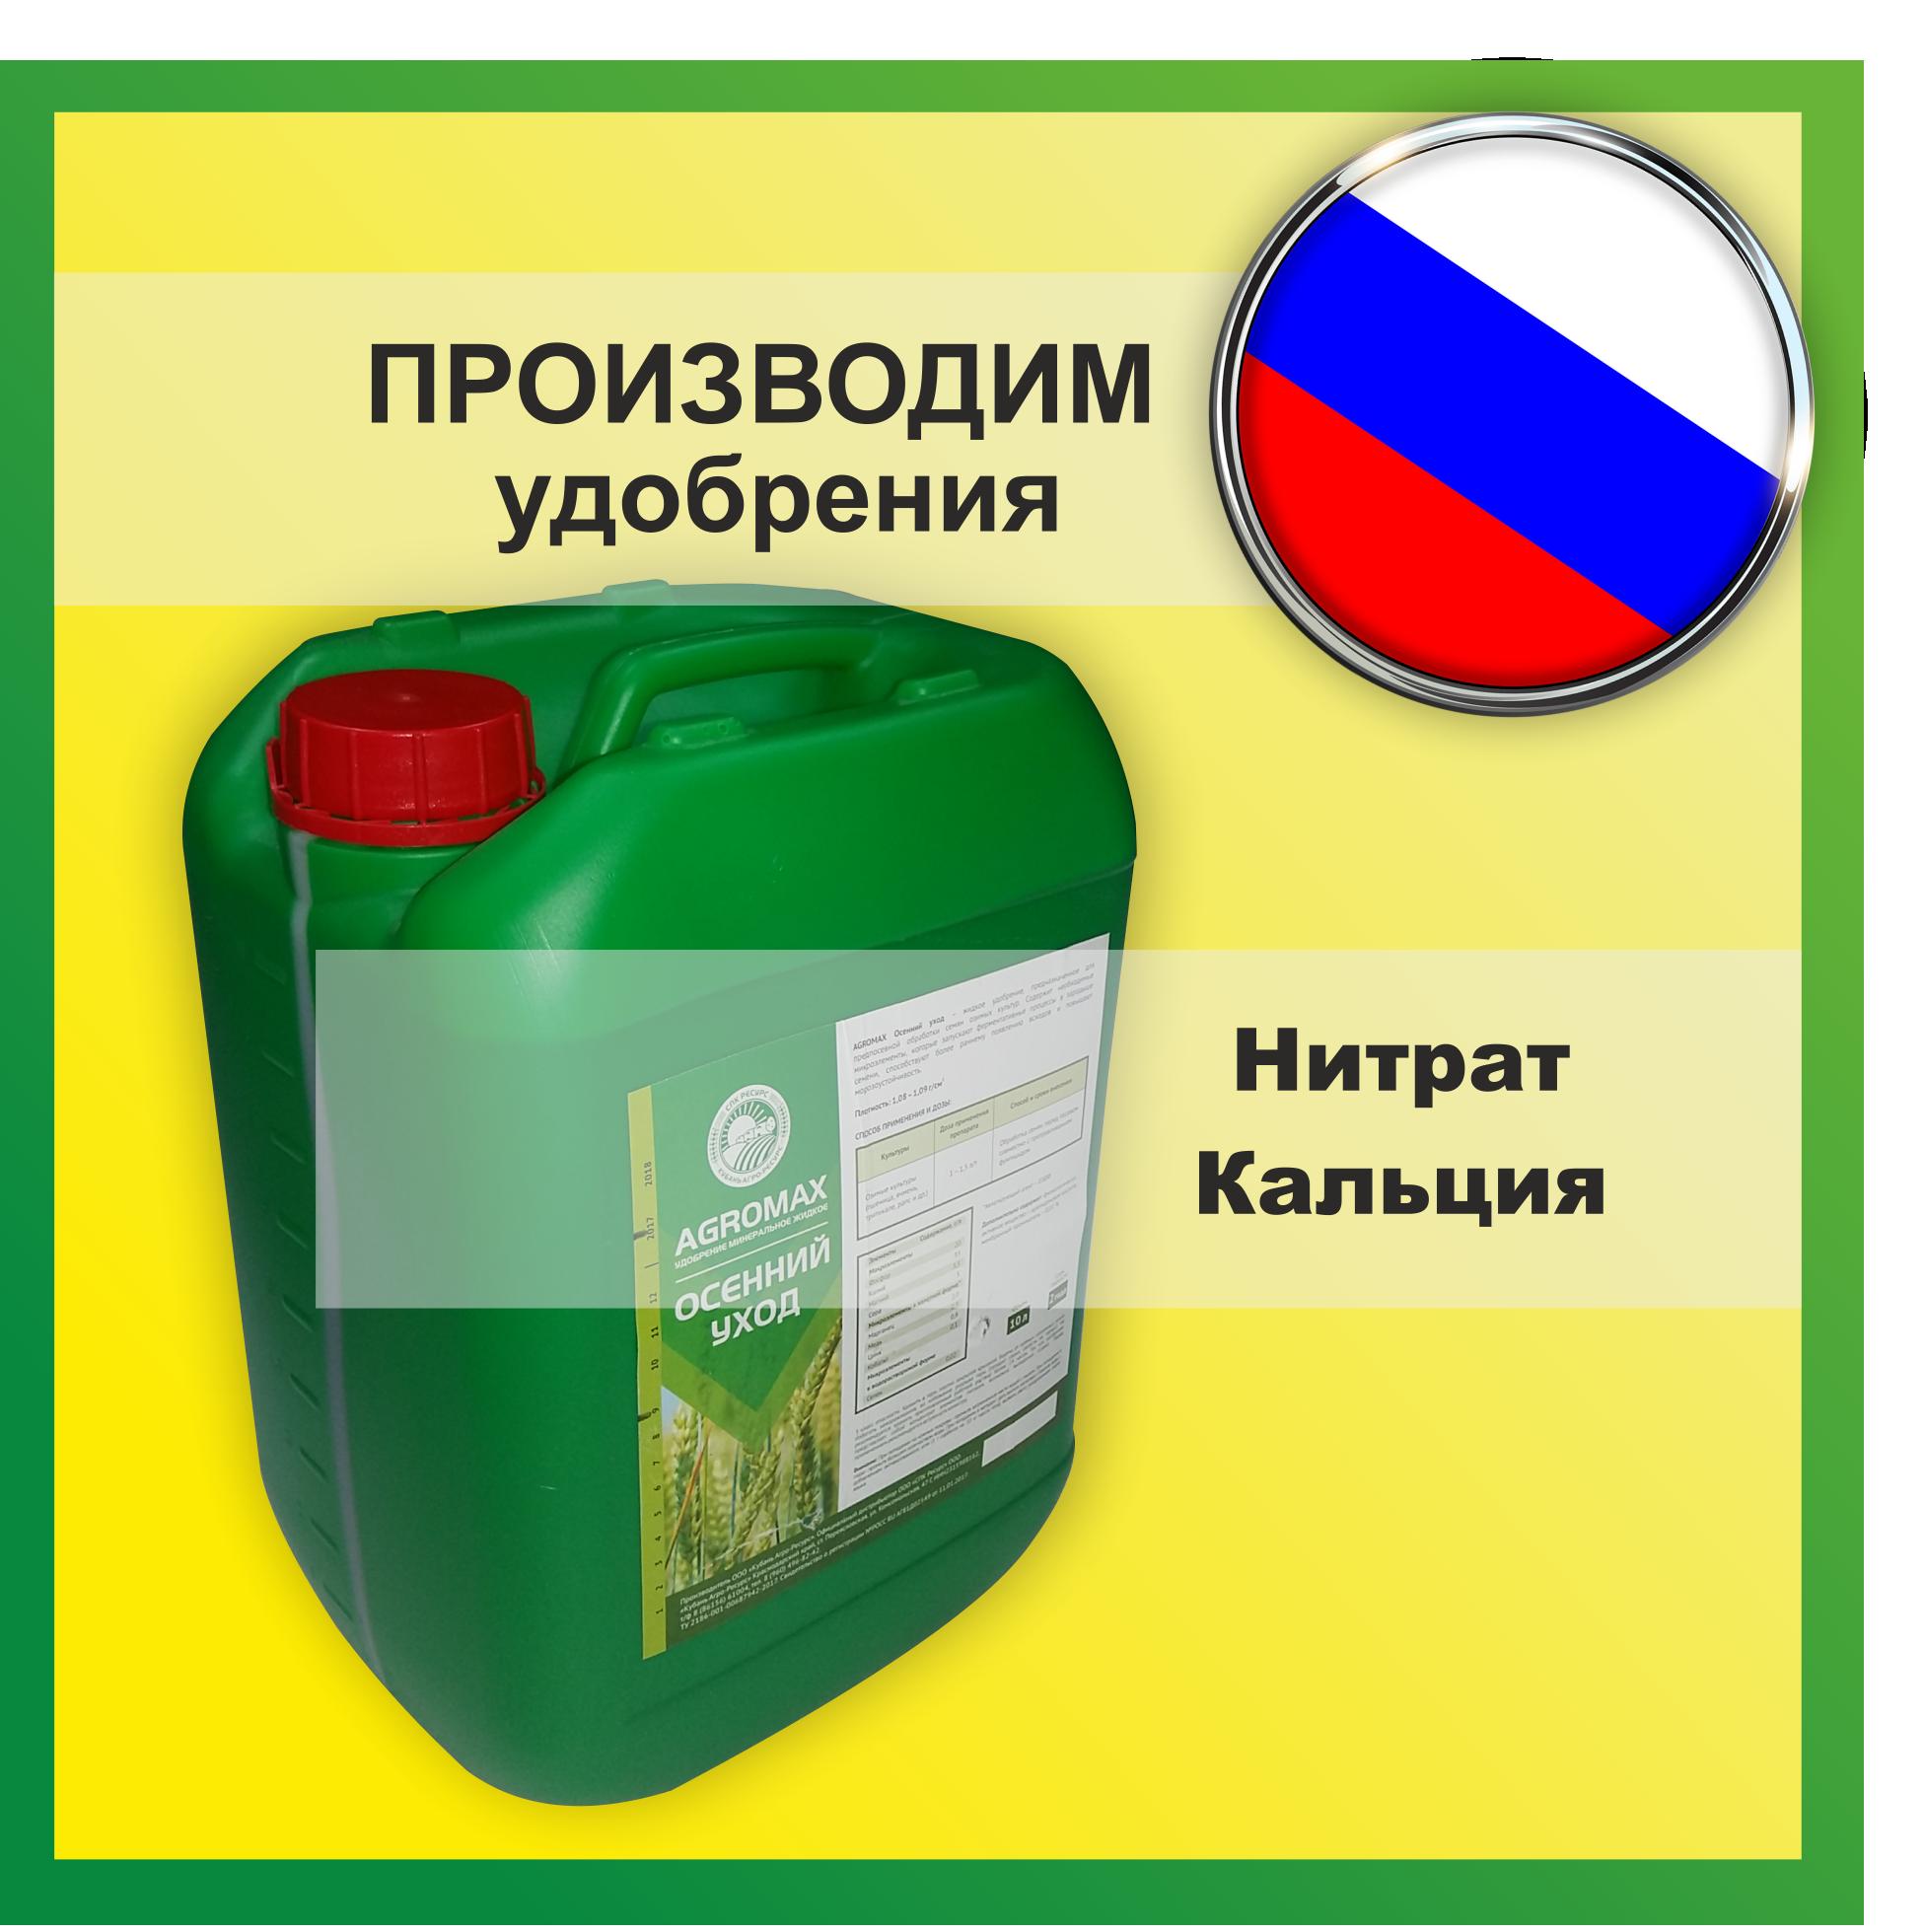 Nitrat-Kaltsiya-udobrenie-agromaks-1-1